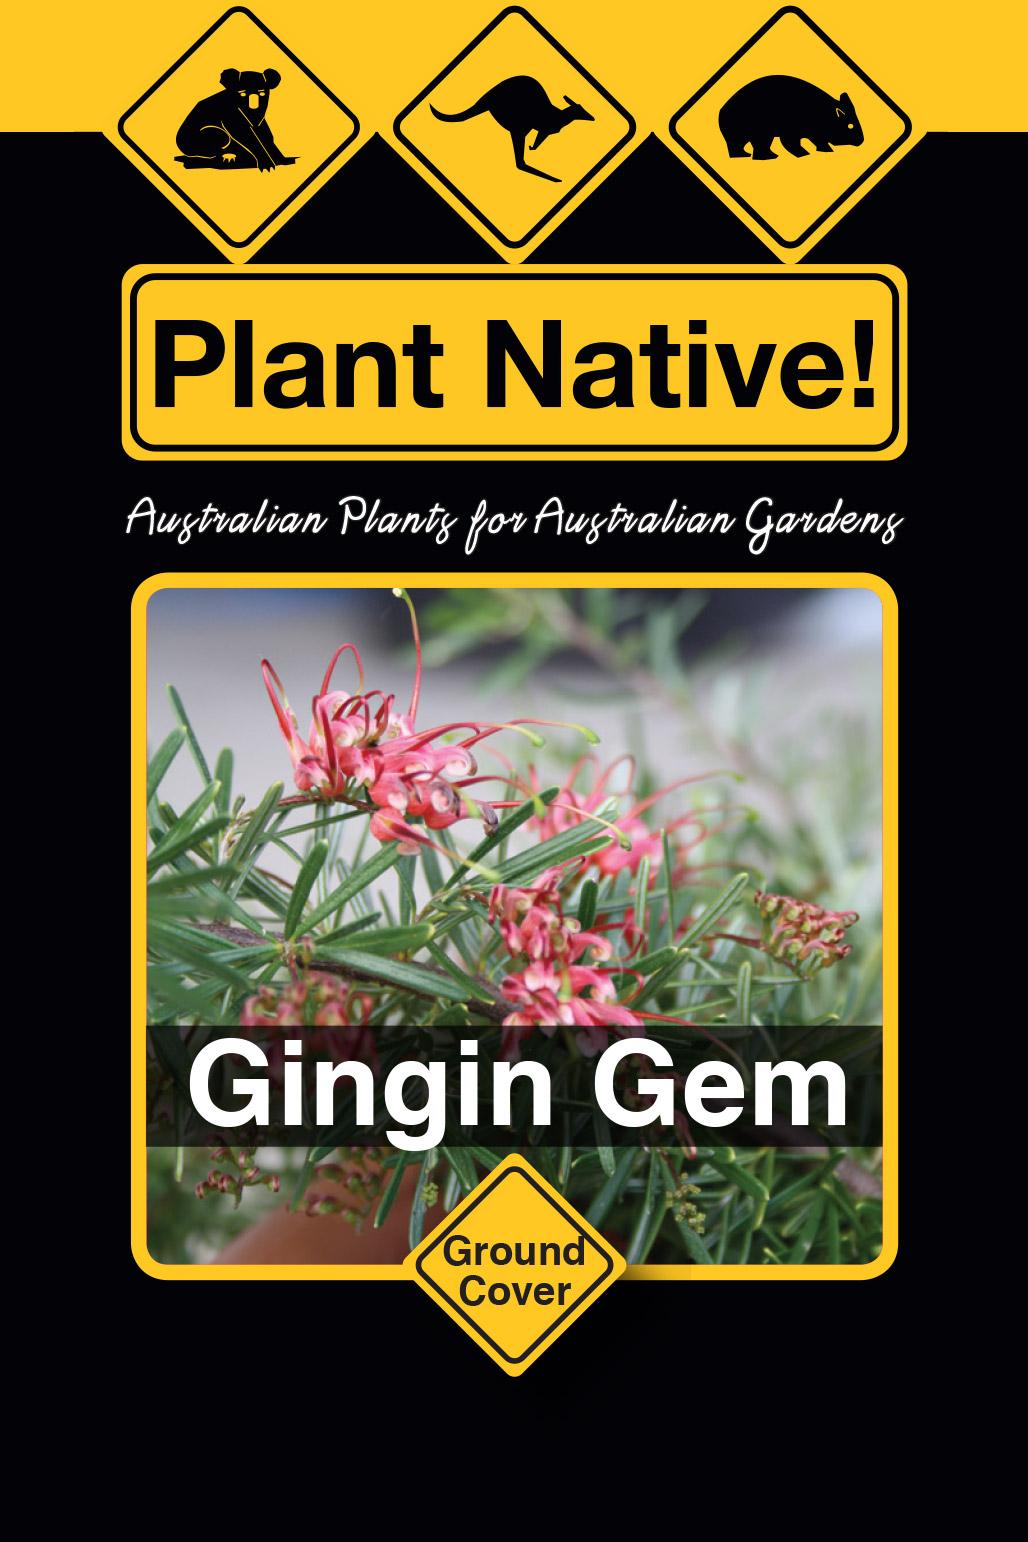 Gingin Gem - Plant Native!